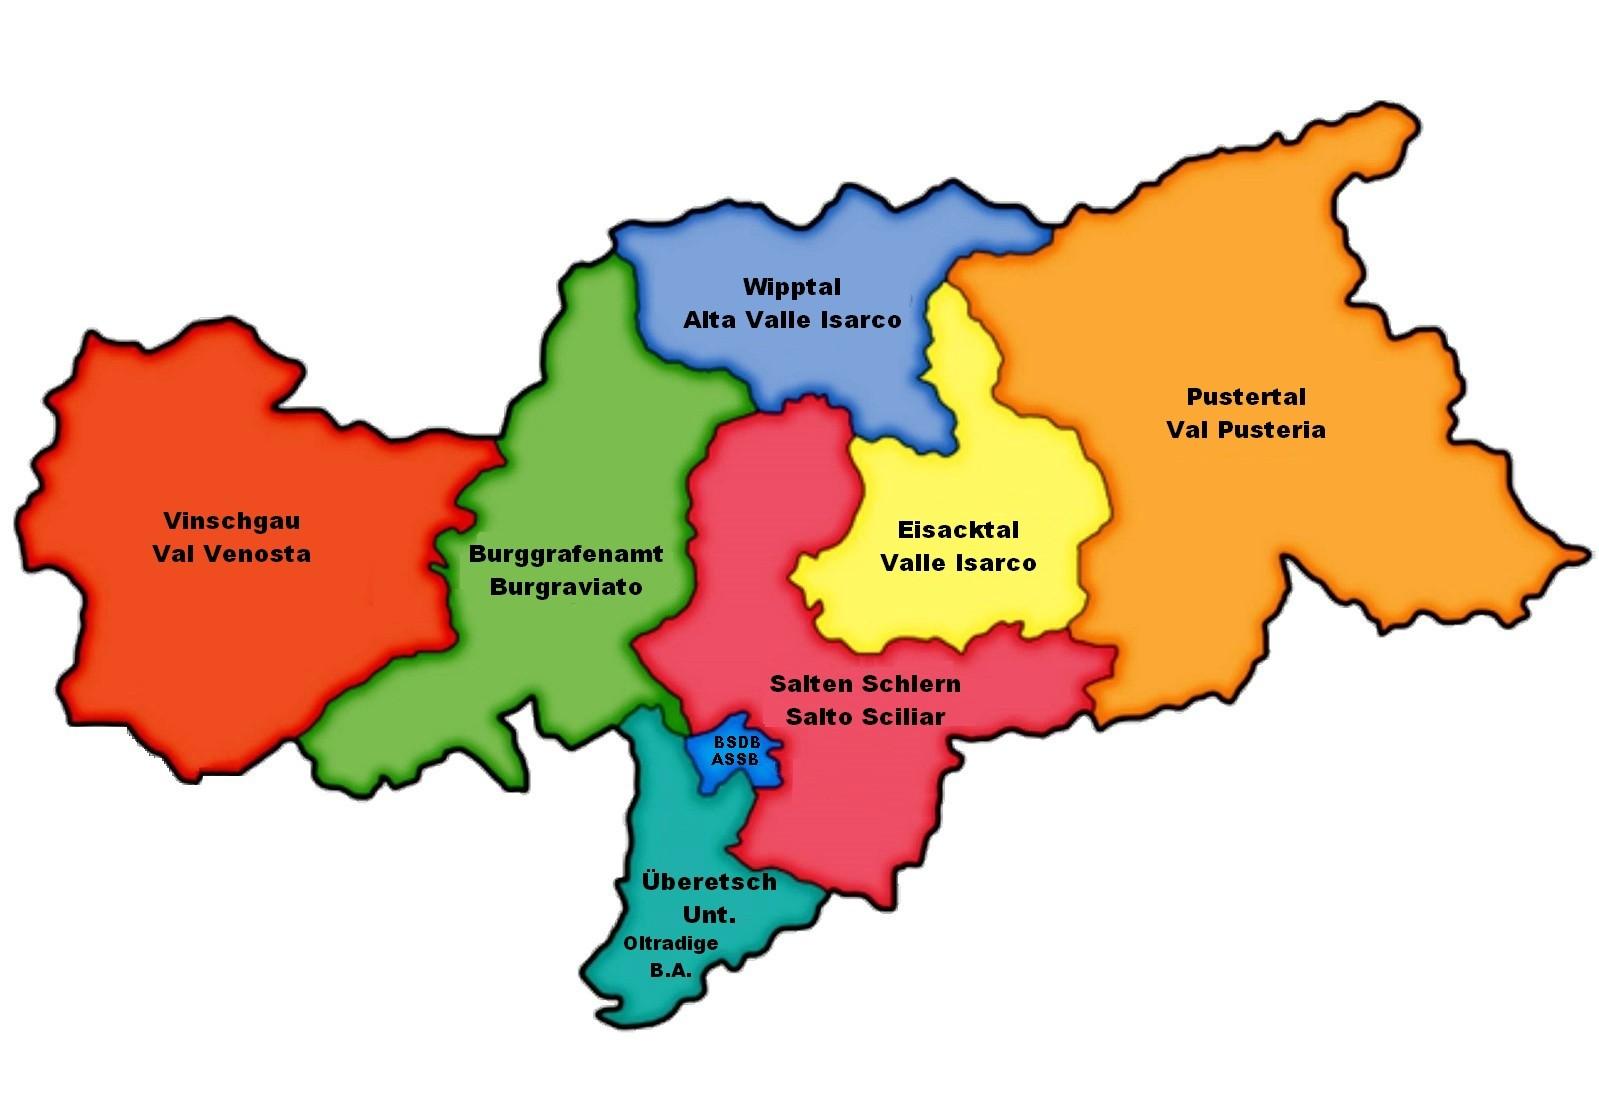 Cartina Geografica Vipiteno E Dintorni.Distretti Sociali Sociale Amministrazione Provinciale Provincia Autonoma Di Bolzano Alto Adige